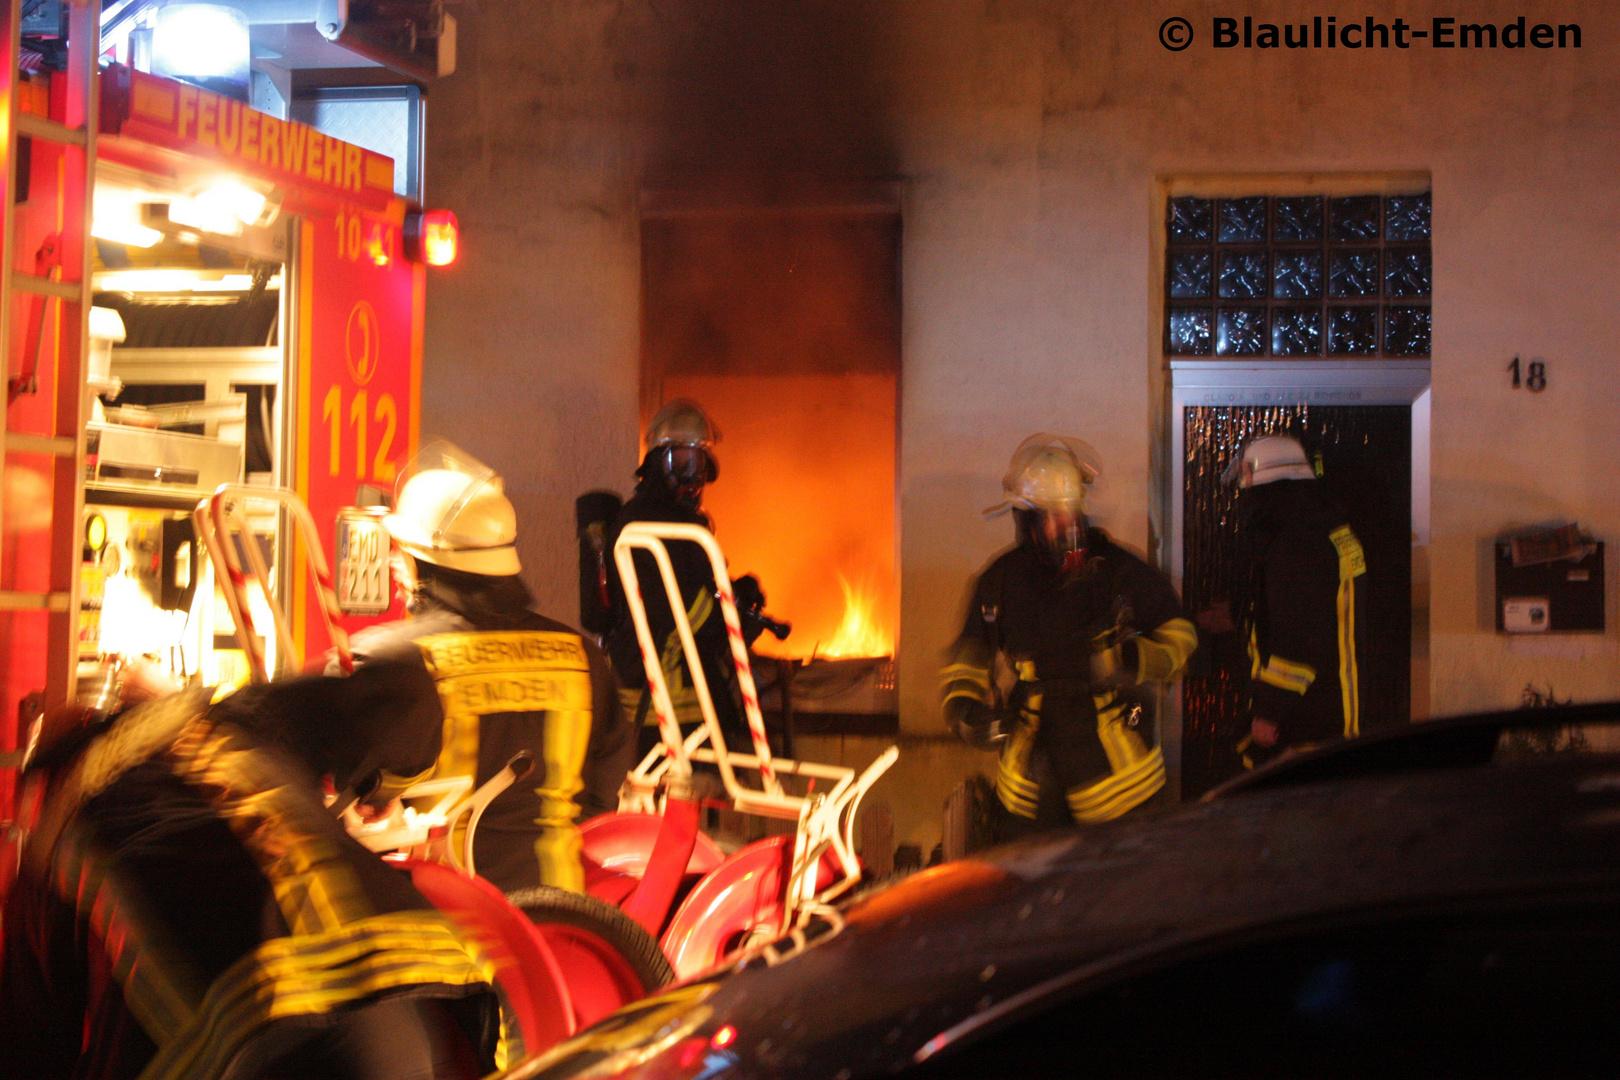 Gebäudebrand in Emden